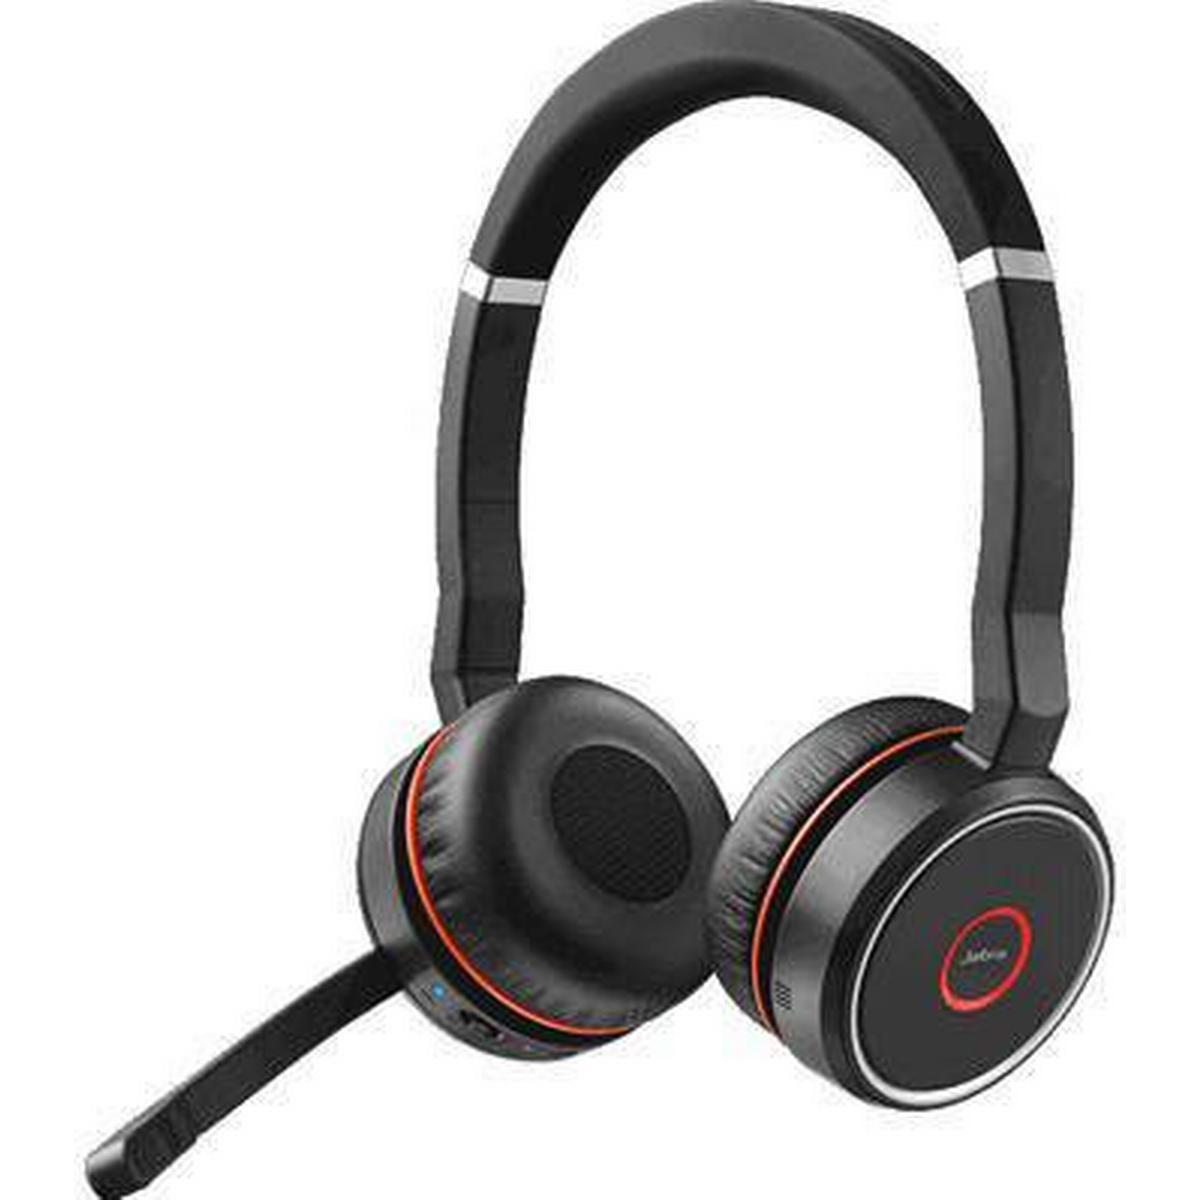 573576c49 Headset - Sammenlign priser hos PriceRunner